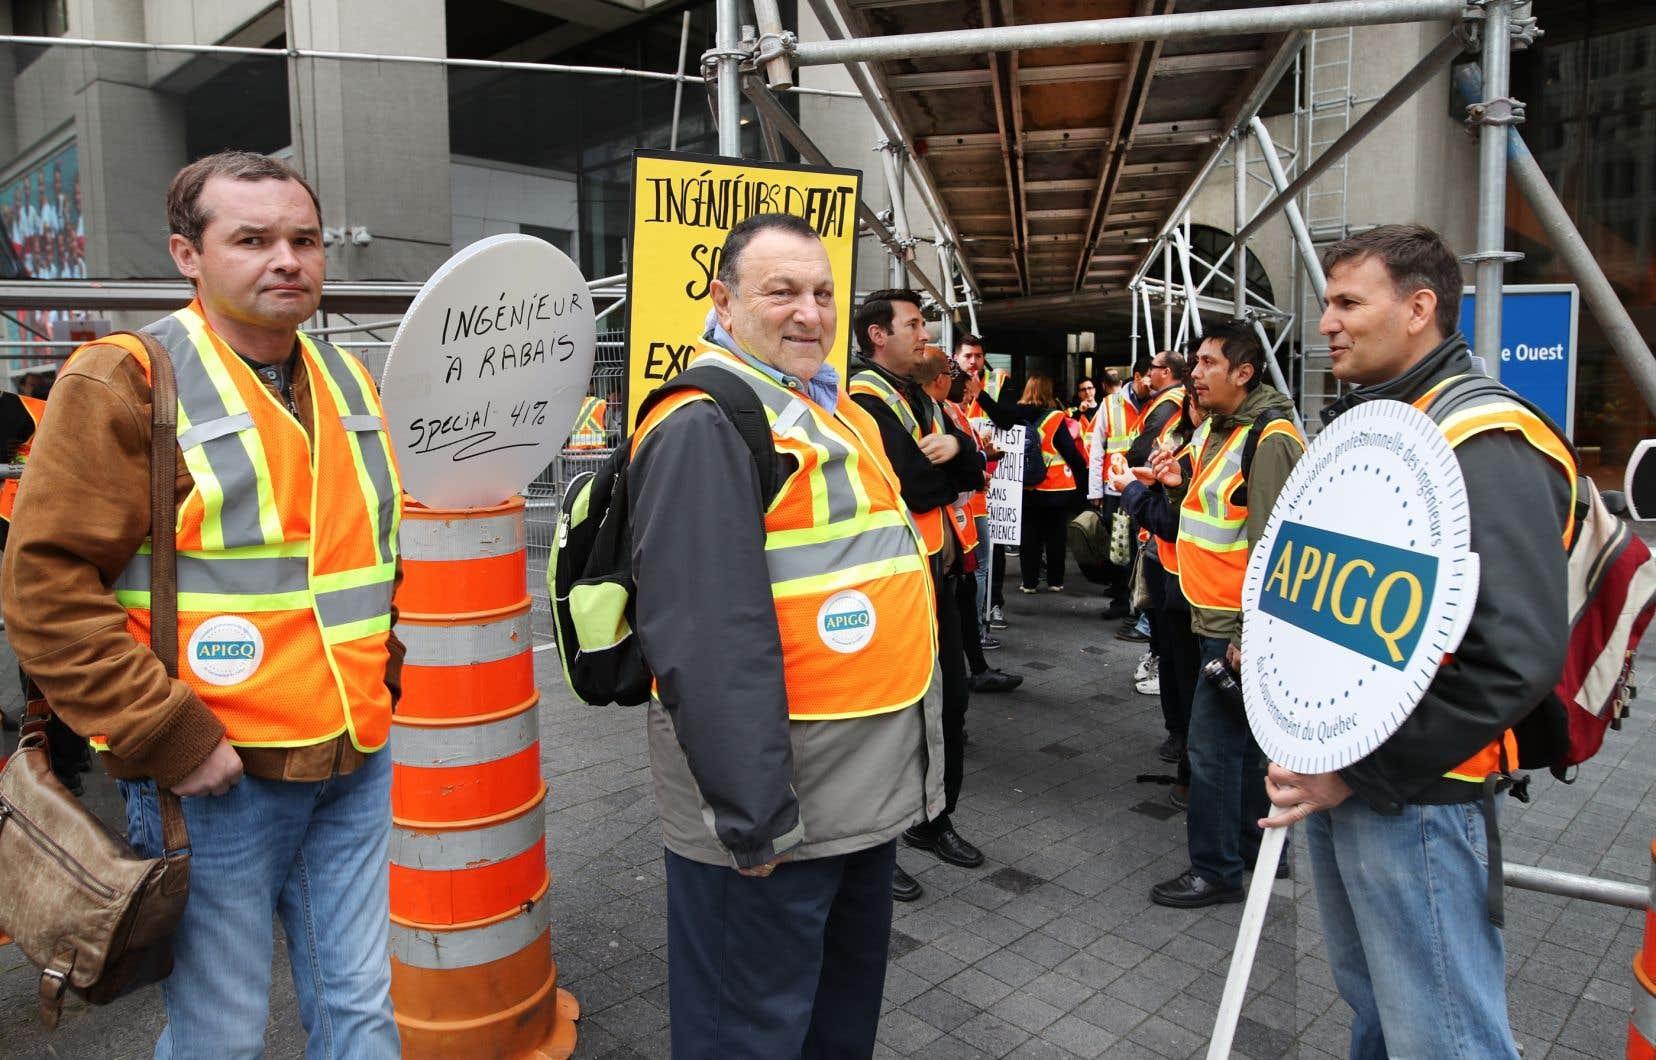 Manifestation des ingénieurs del'Association professionnelle des ingénieurs du gouvernement du Québec